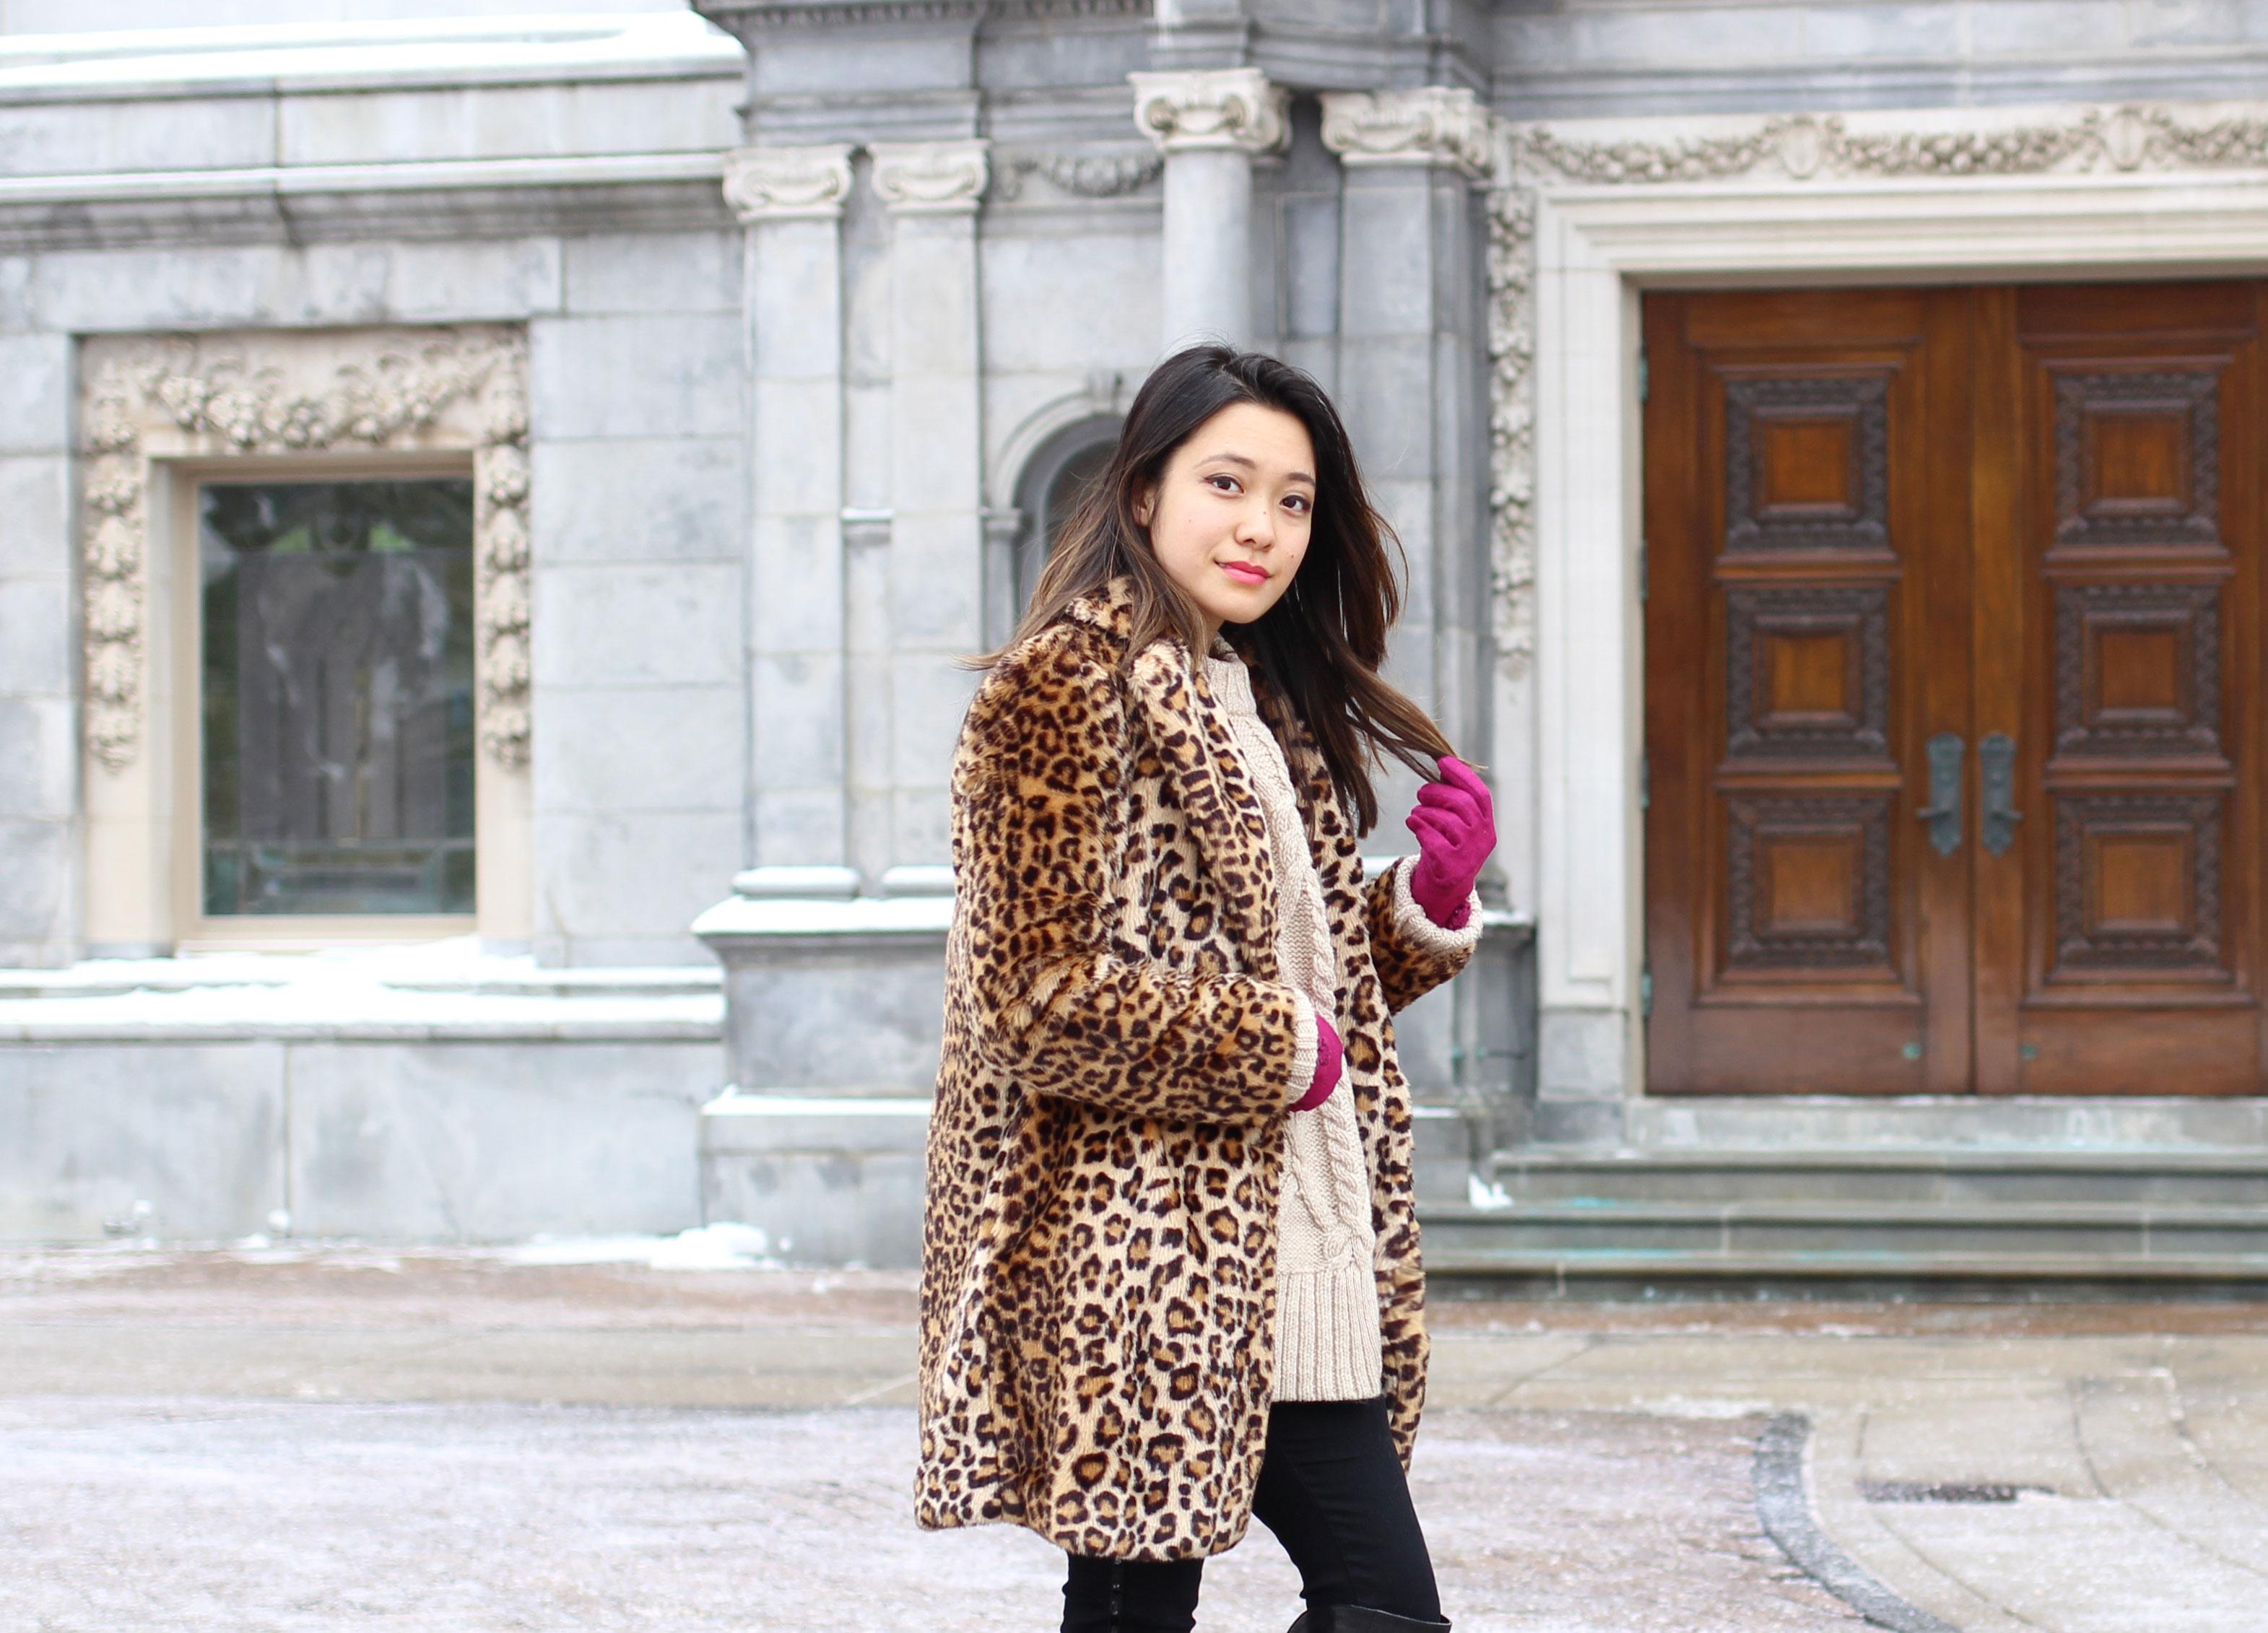 Leopard print furry coat